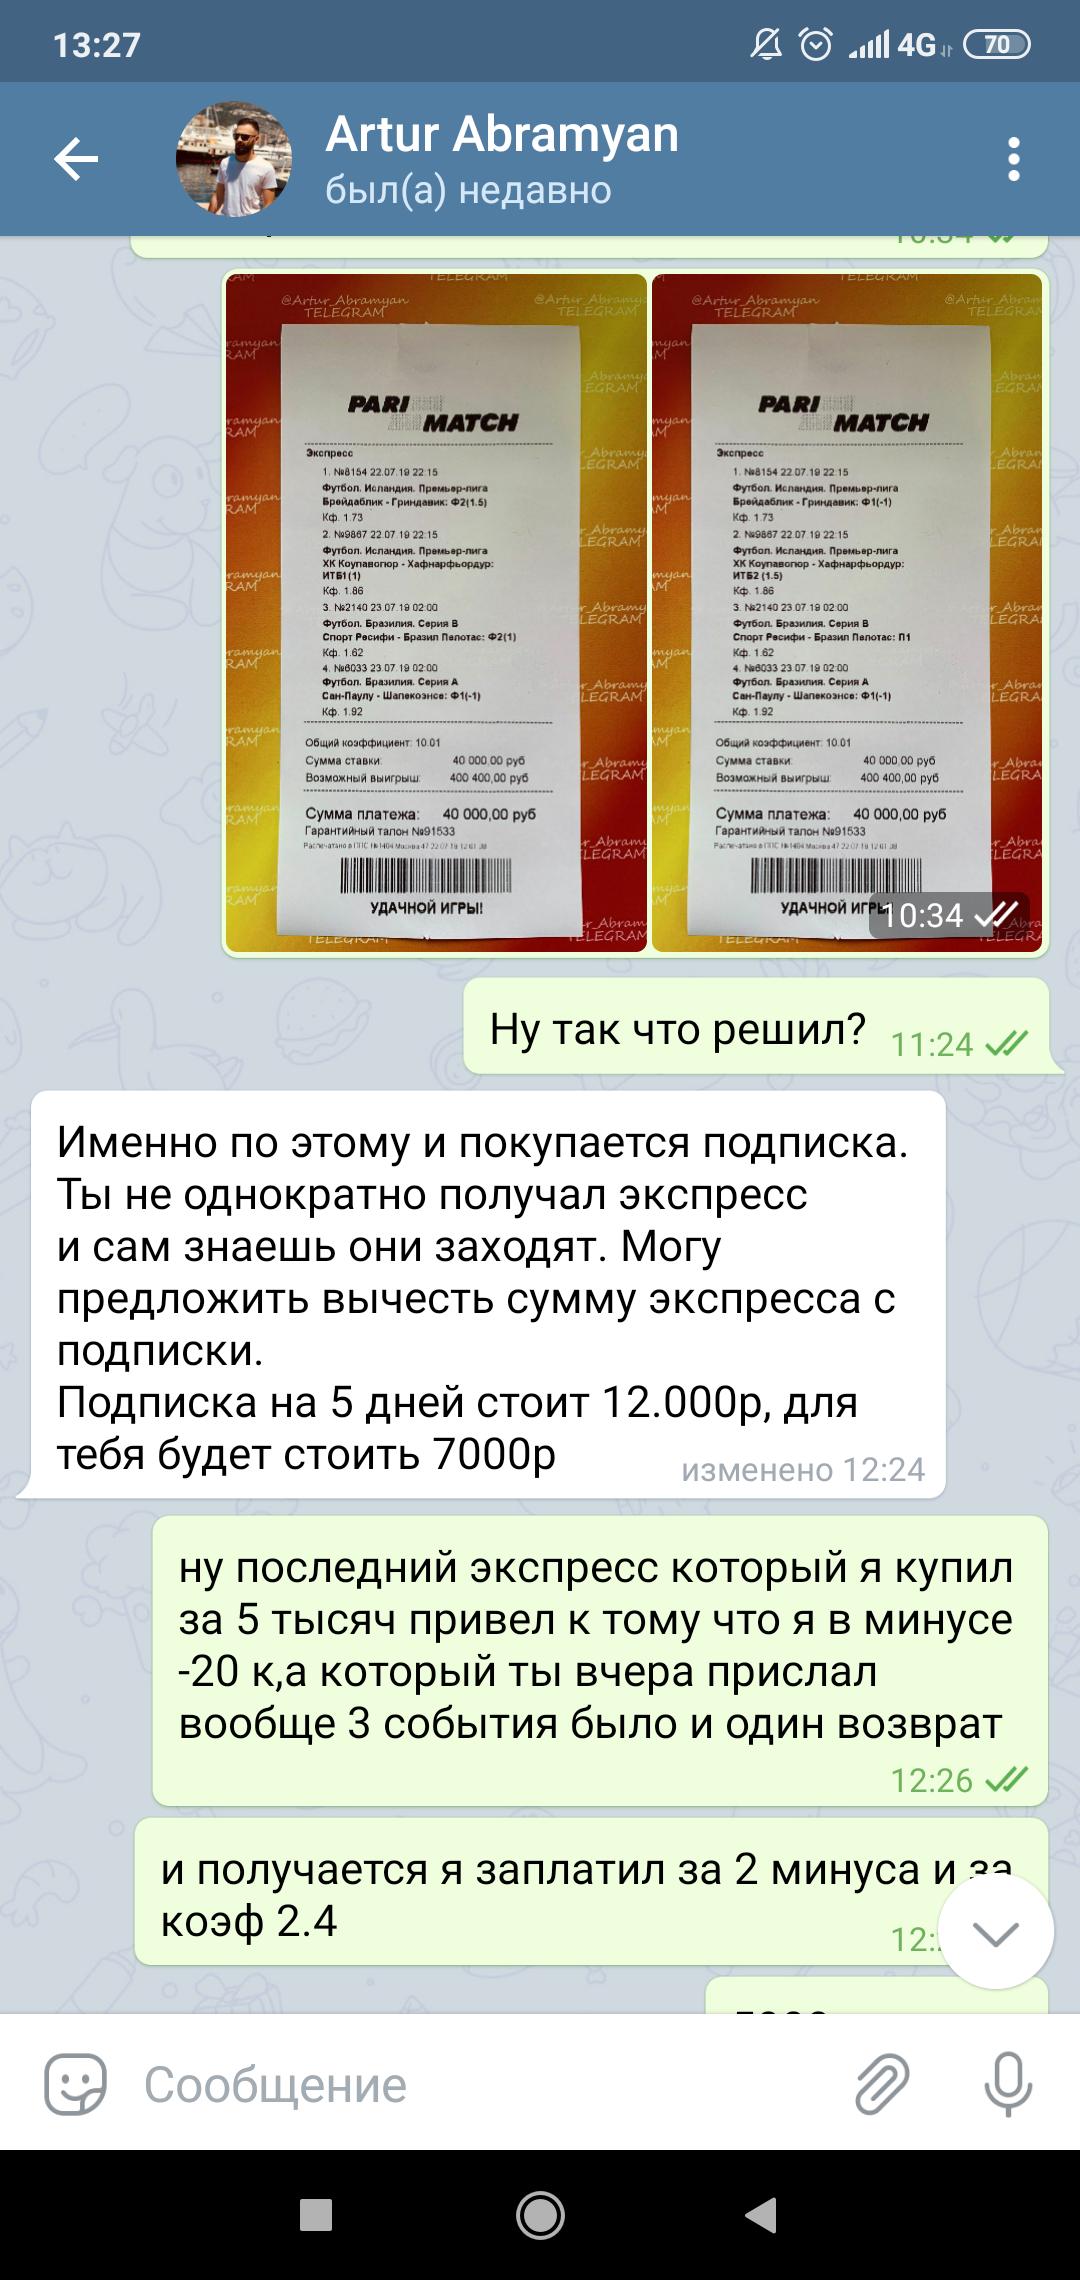 Жалоба на каппера Артур Абрамян